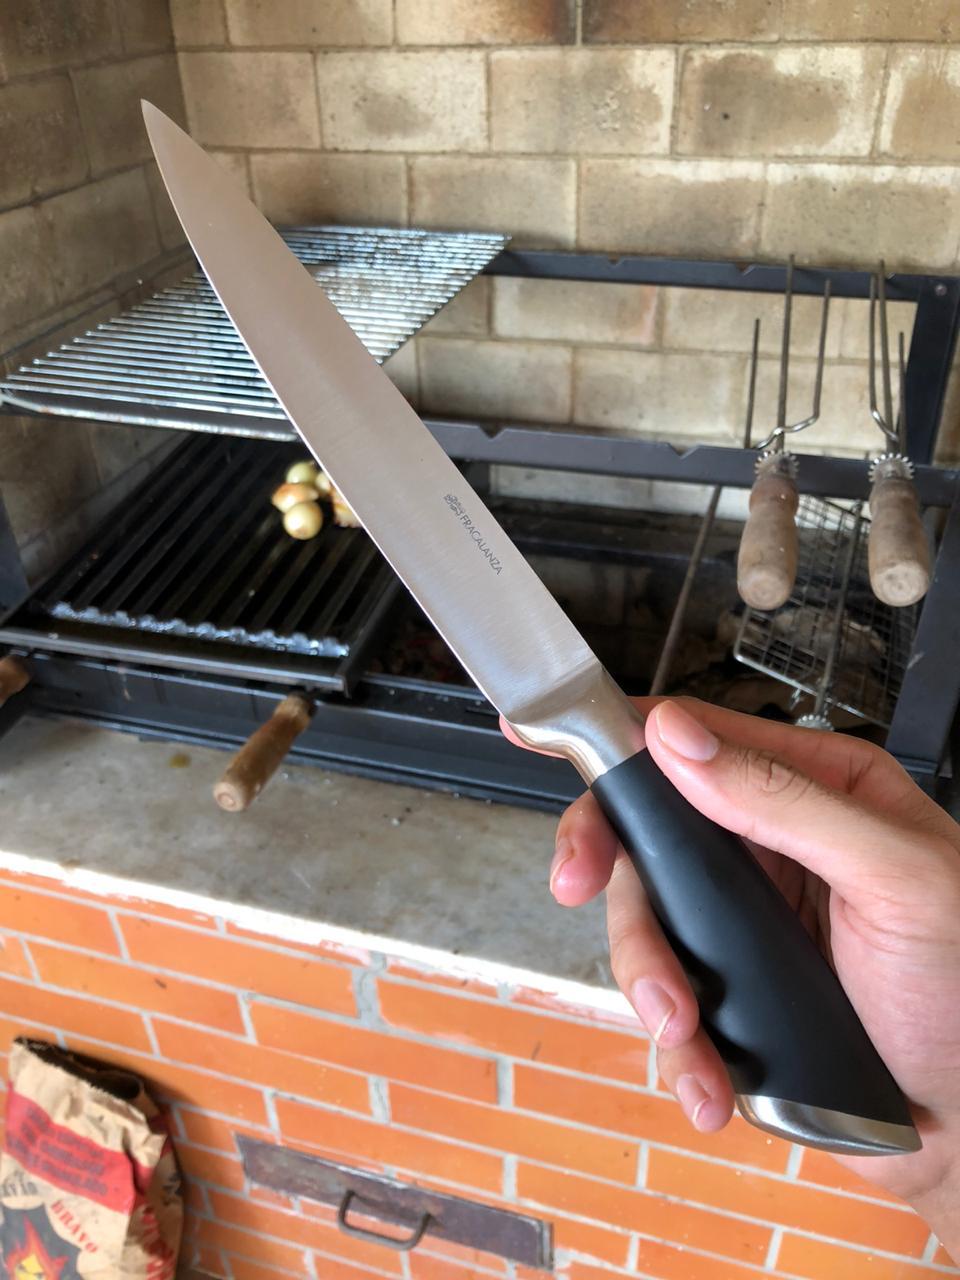 Faca para carne churrasco picanheira cozinha chef de aço inox premium preta 8pol